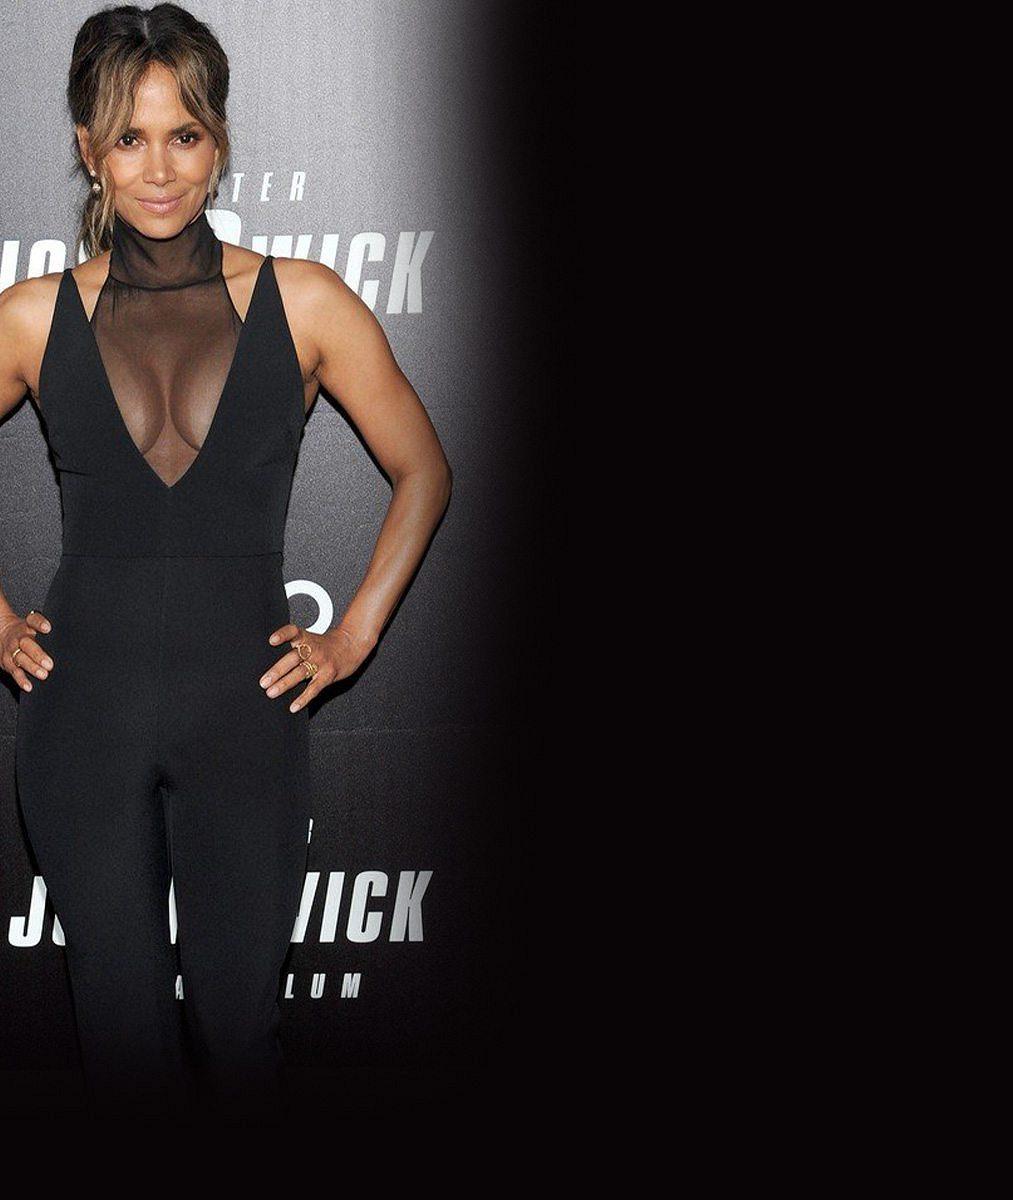 Bývalá Bondgirl (52) vystavila sexy nožky vkoženém overalu apředvedla nový účes